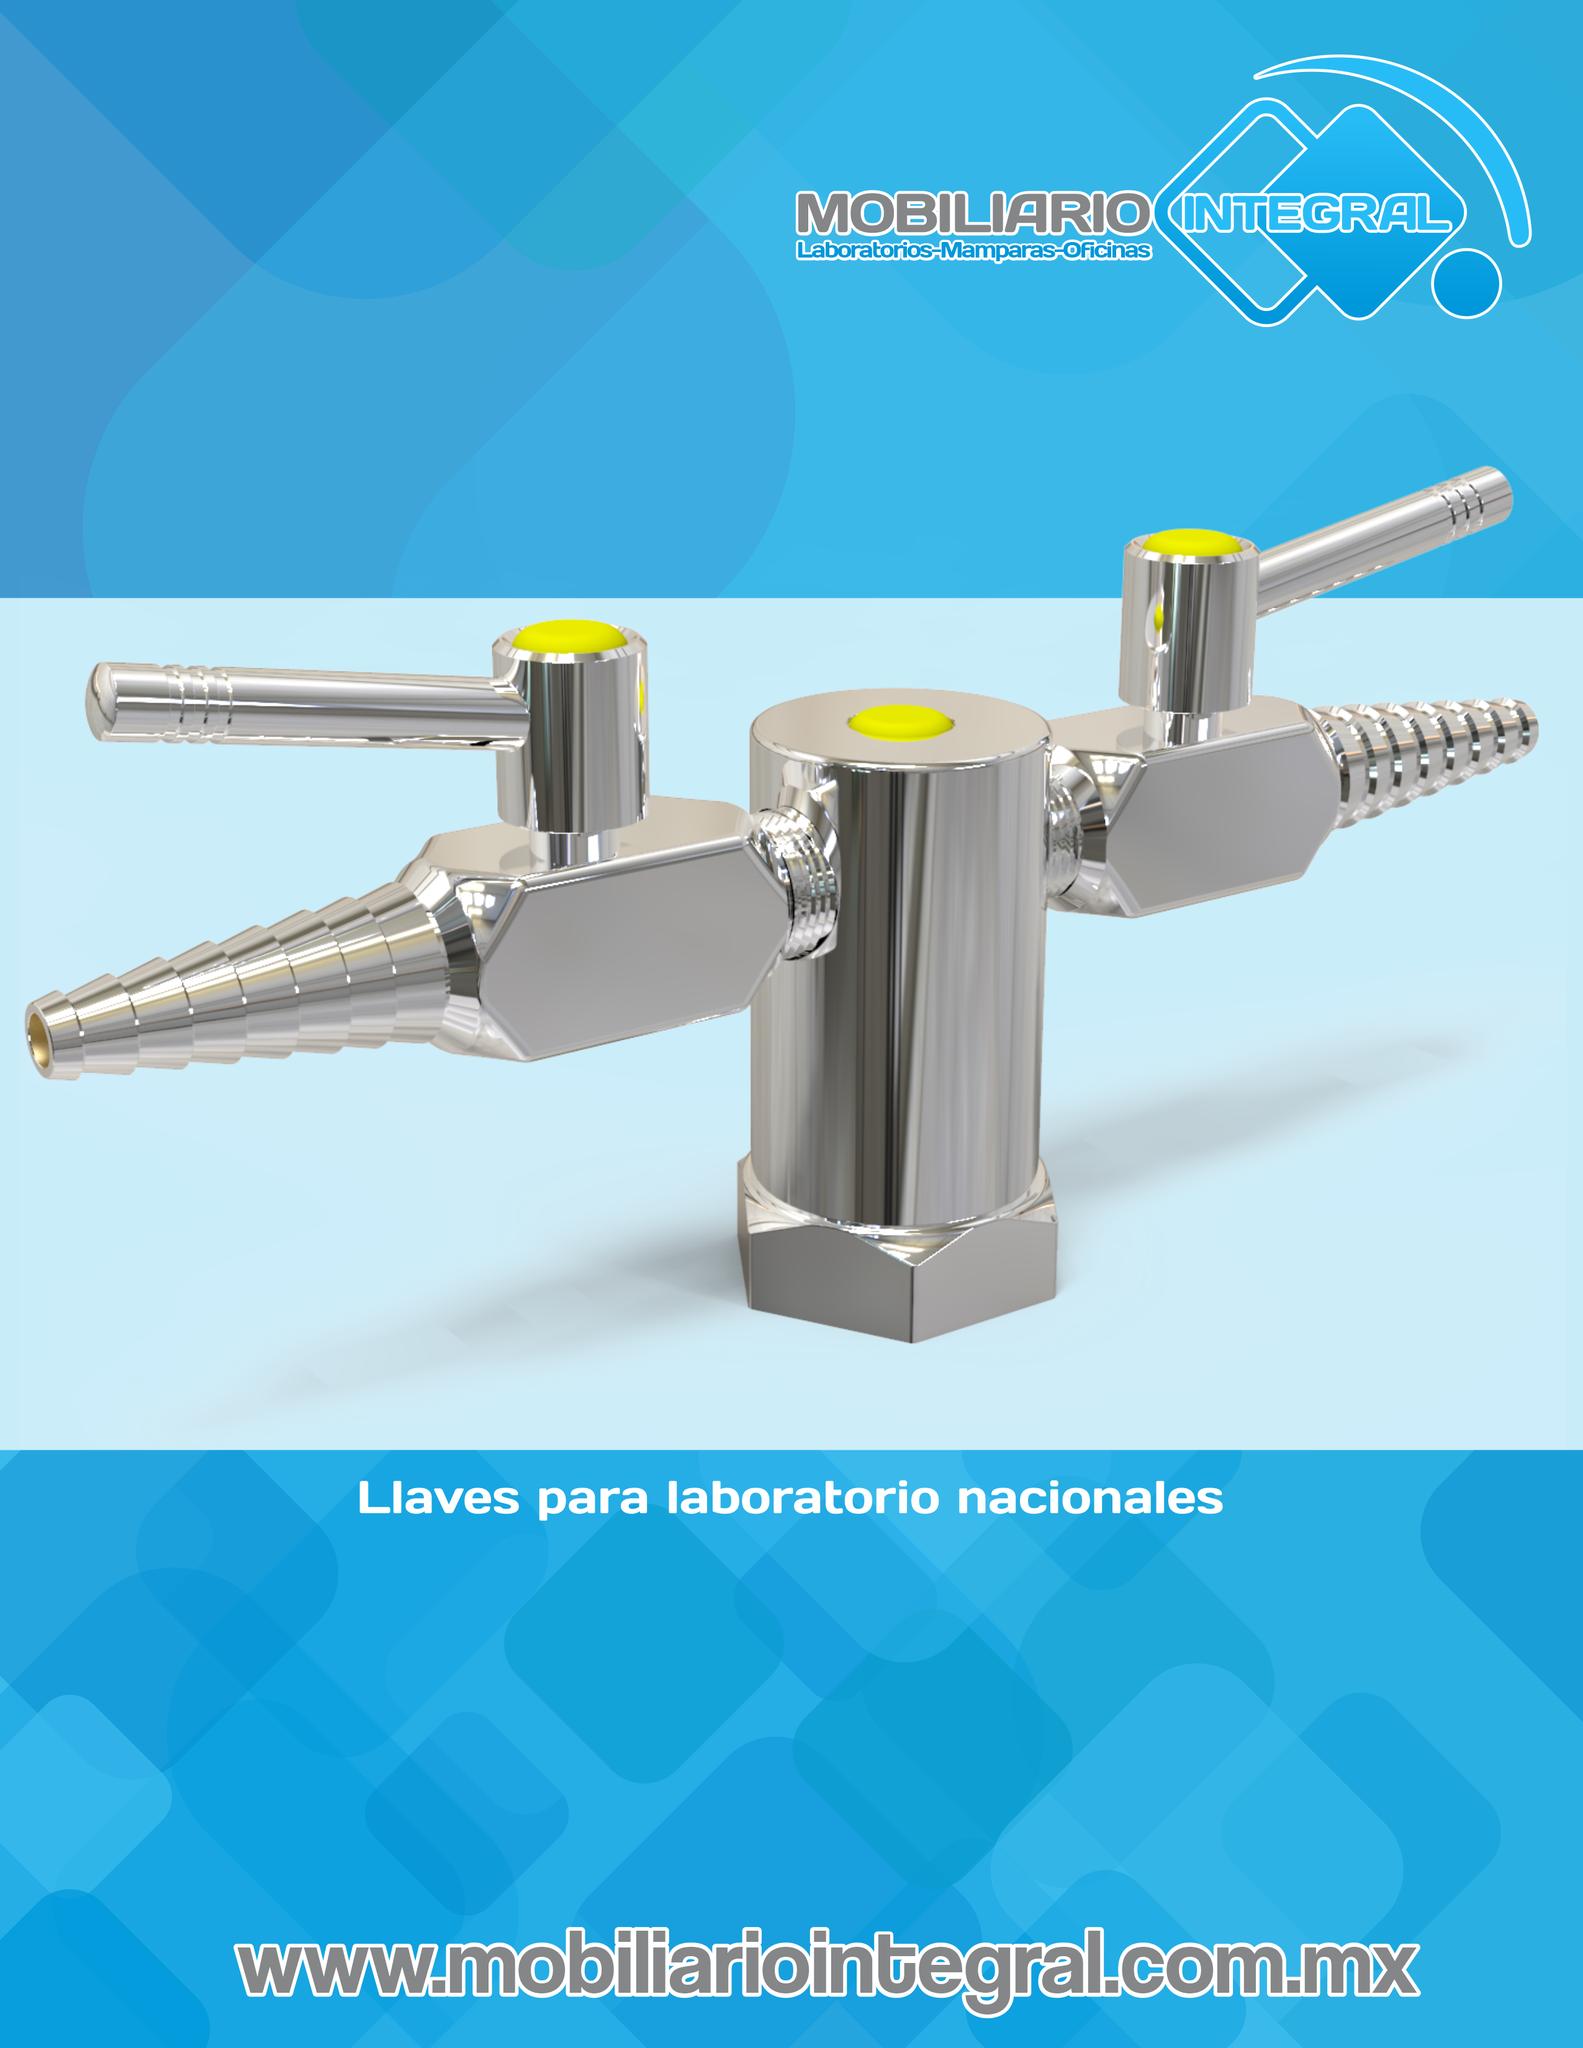 Llaves para laboratorio en Nuevo León